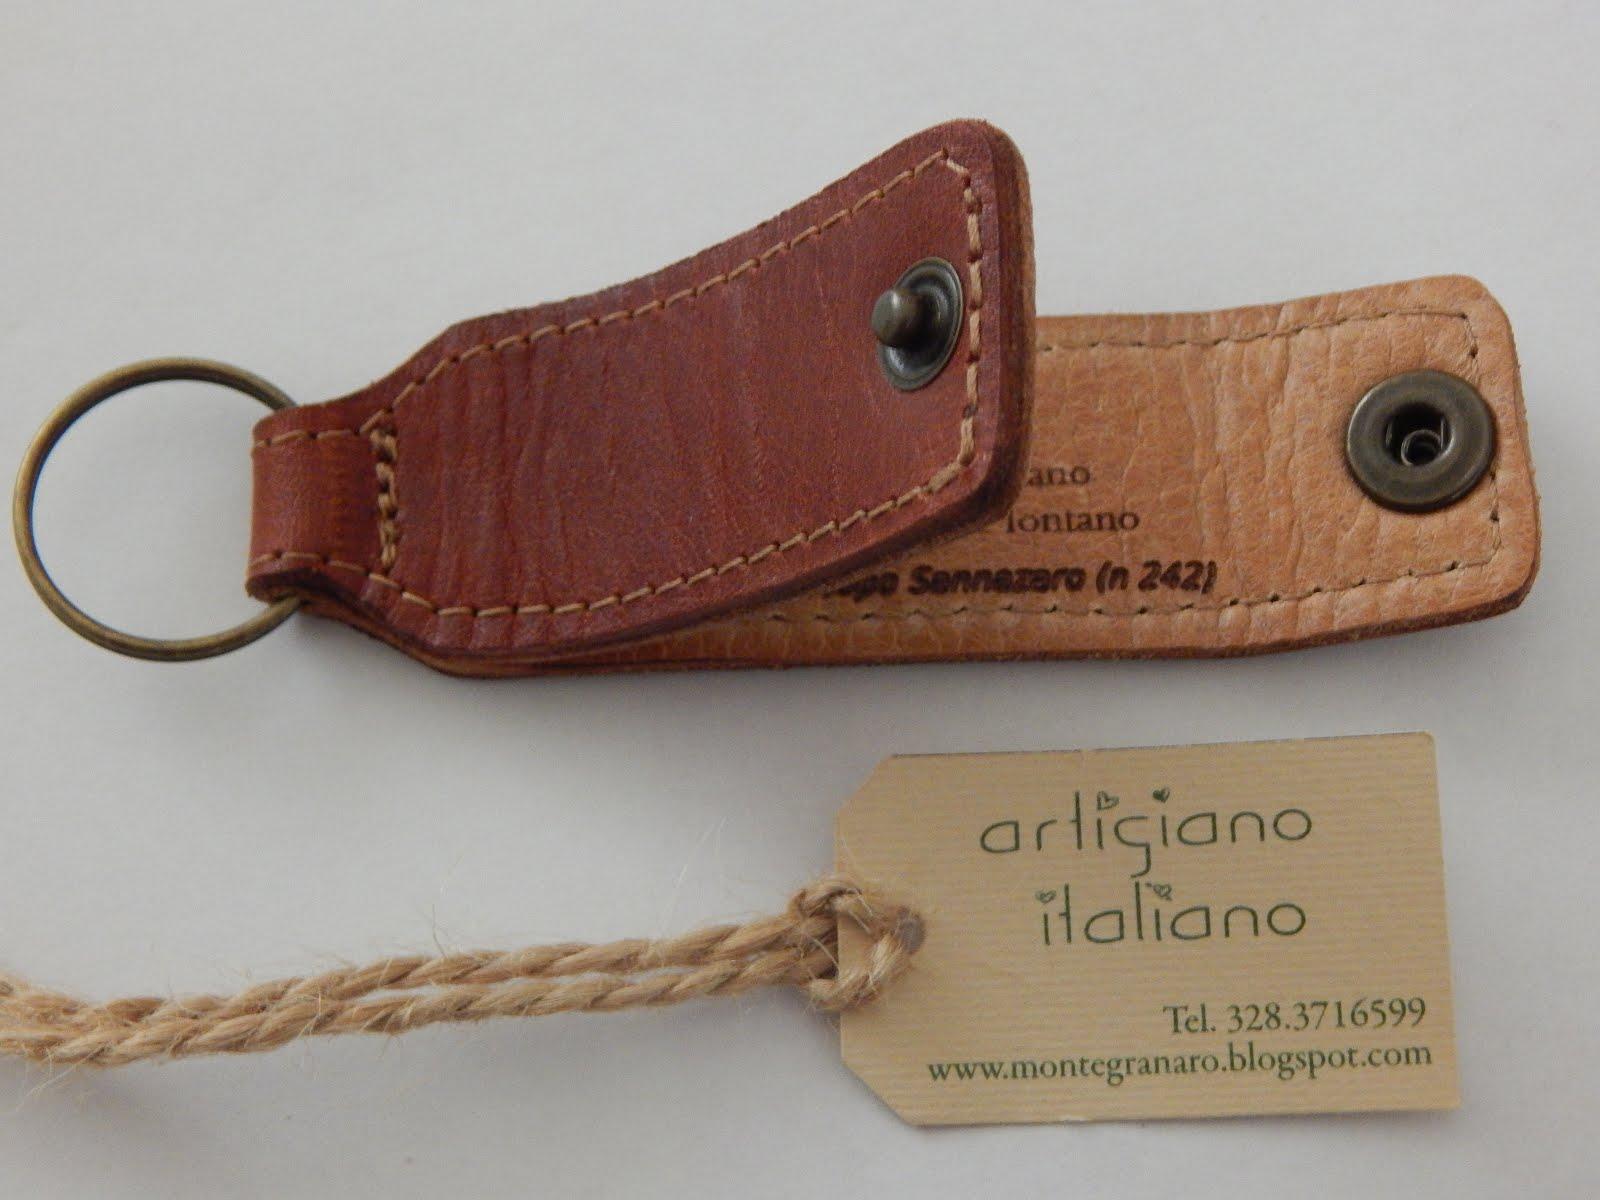 Personalizzati, Creazione e vendita, spedizione con corriere espresso tutta Italia e nel mondo